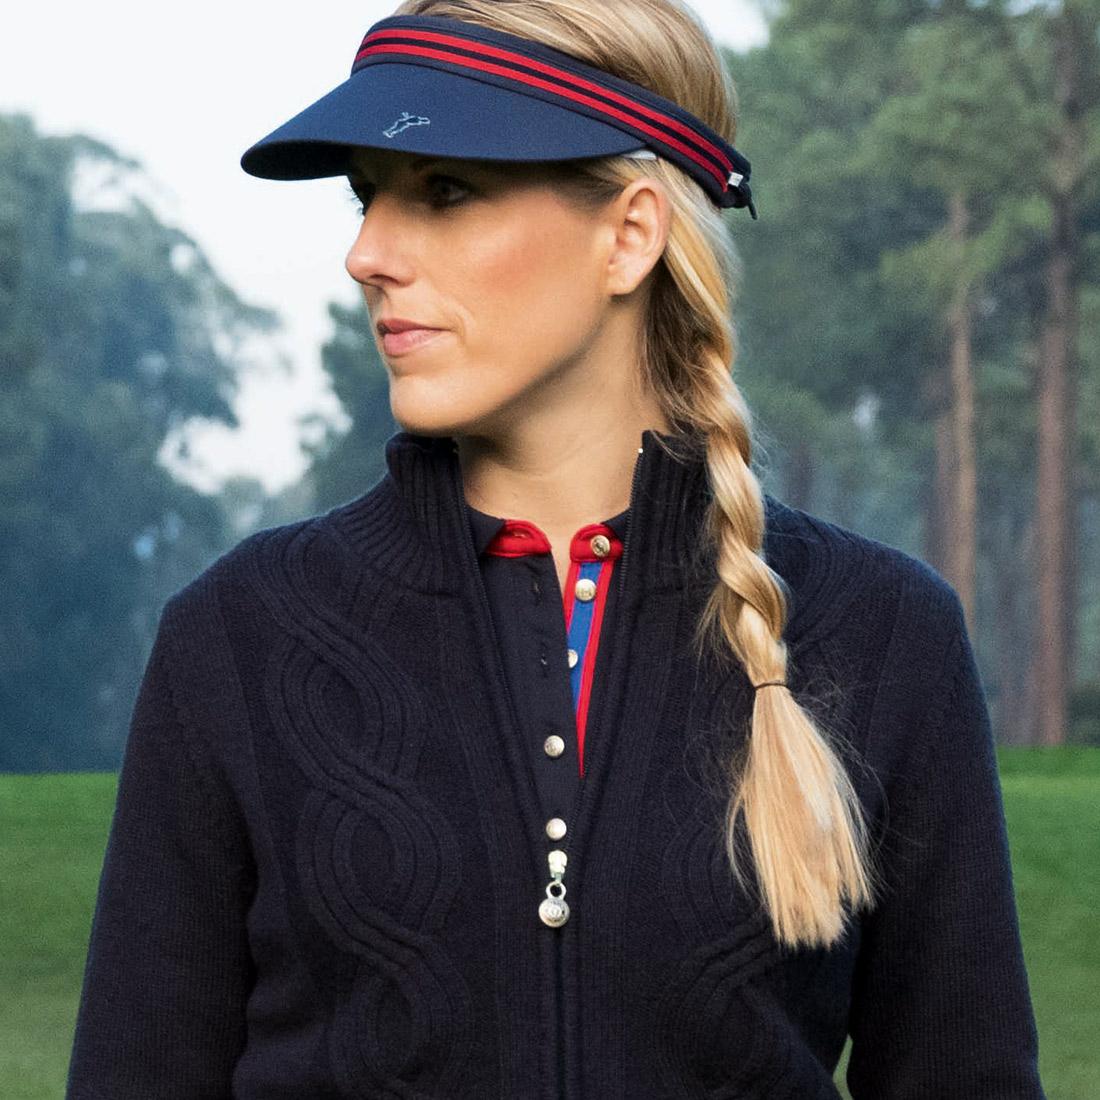 Damen Golf Cable Visor für einen sportlich eleganten Style auf dem Grün